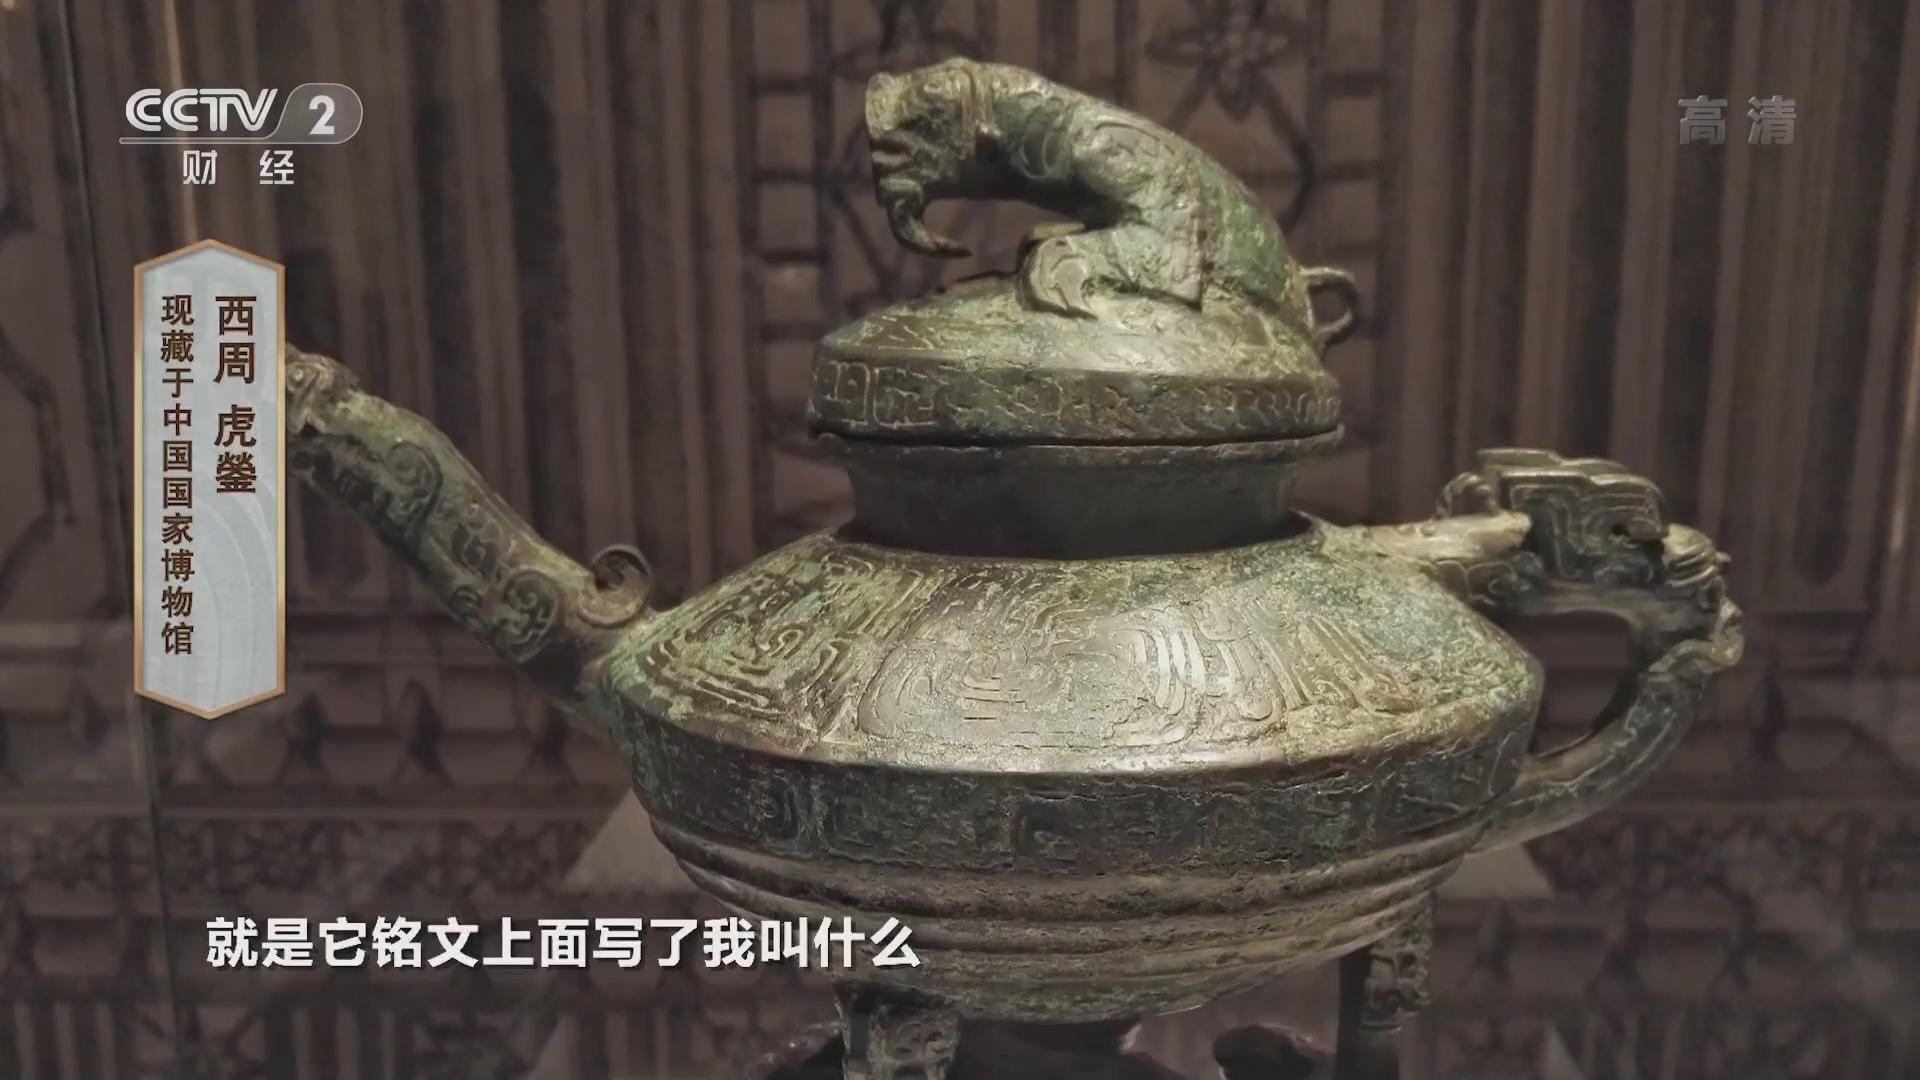 《中国国宝大会》 20211002